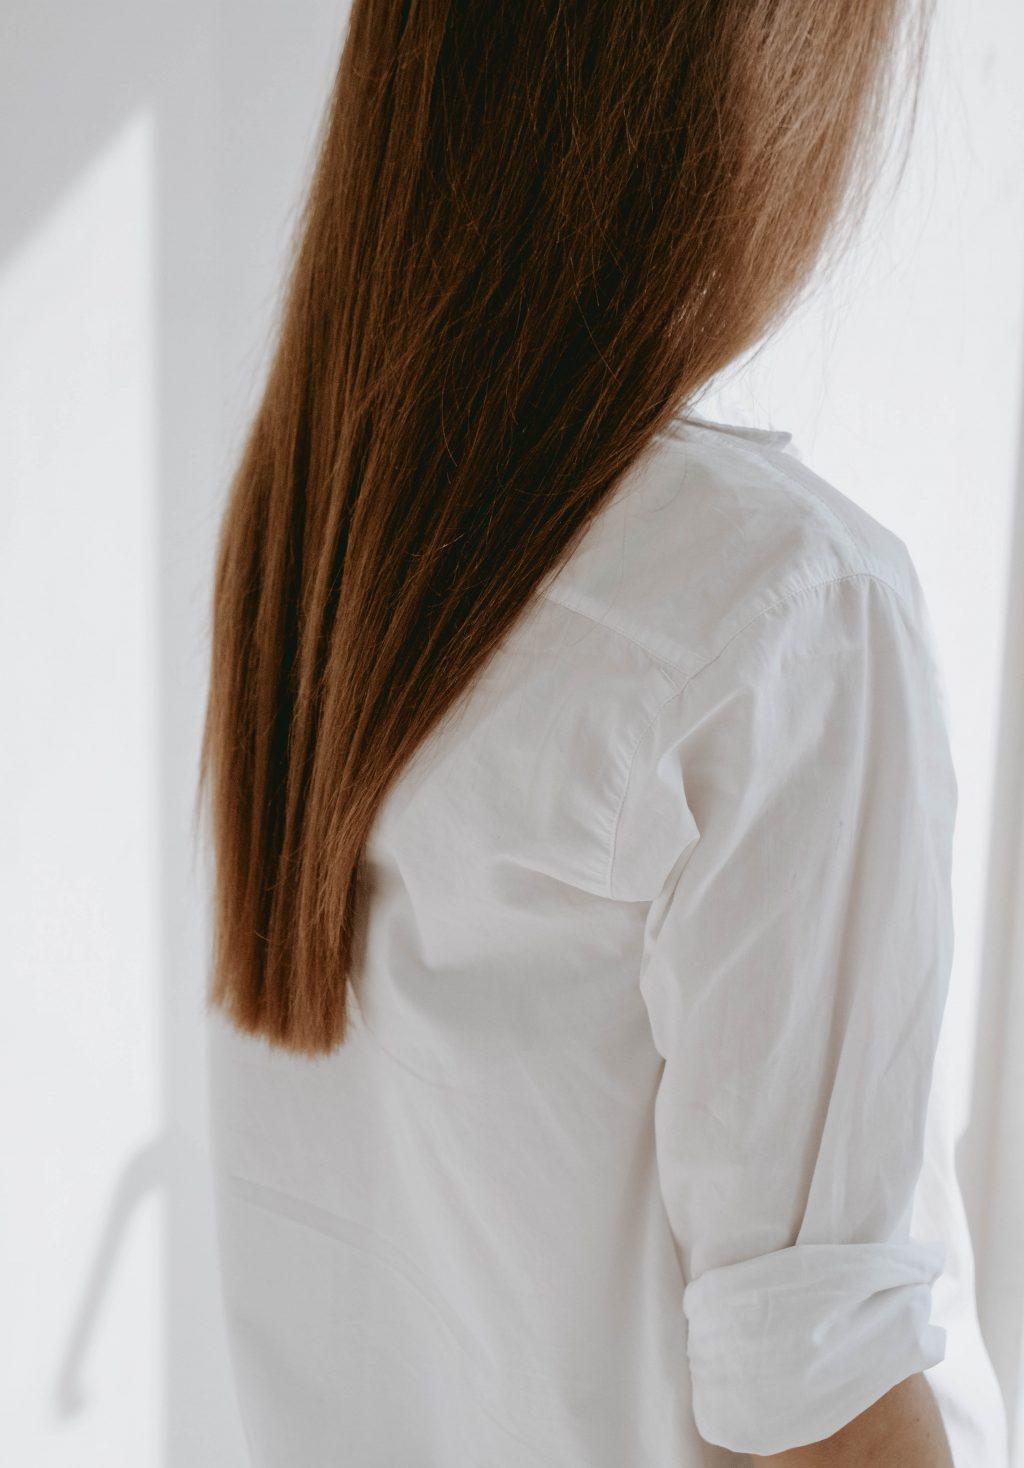 Tóc cũng trải qua quá trình lão hóa.